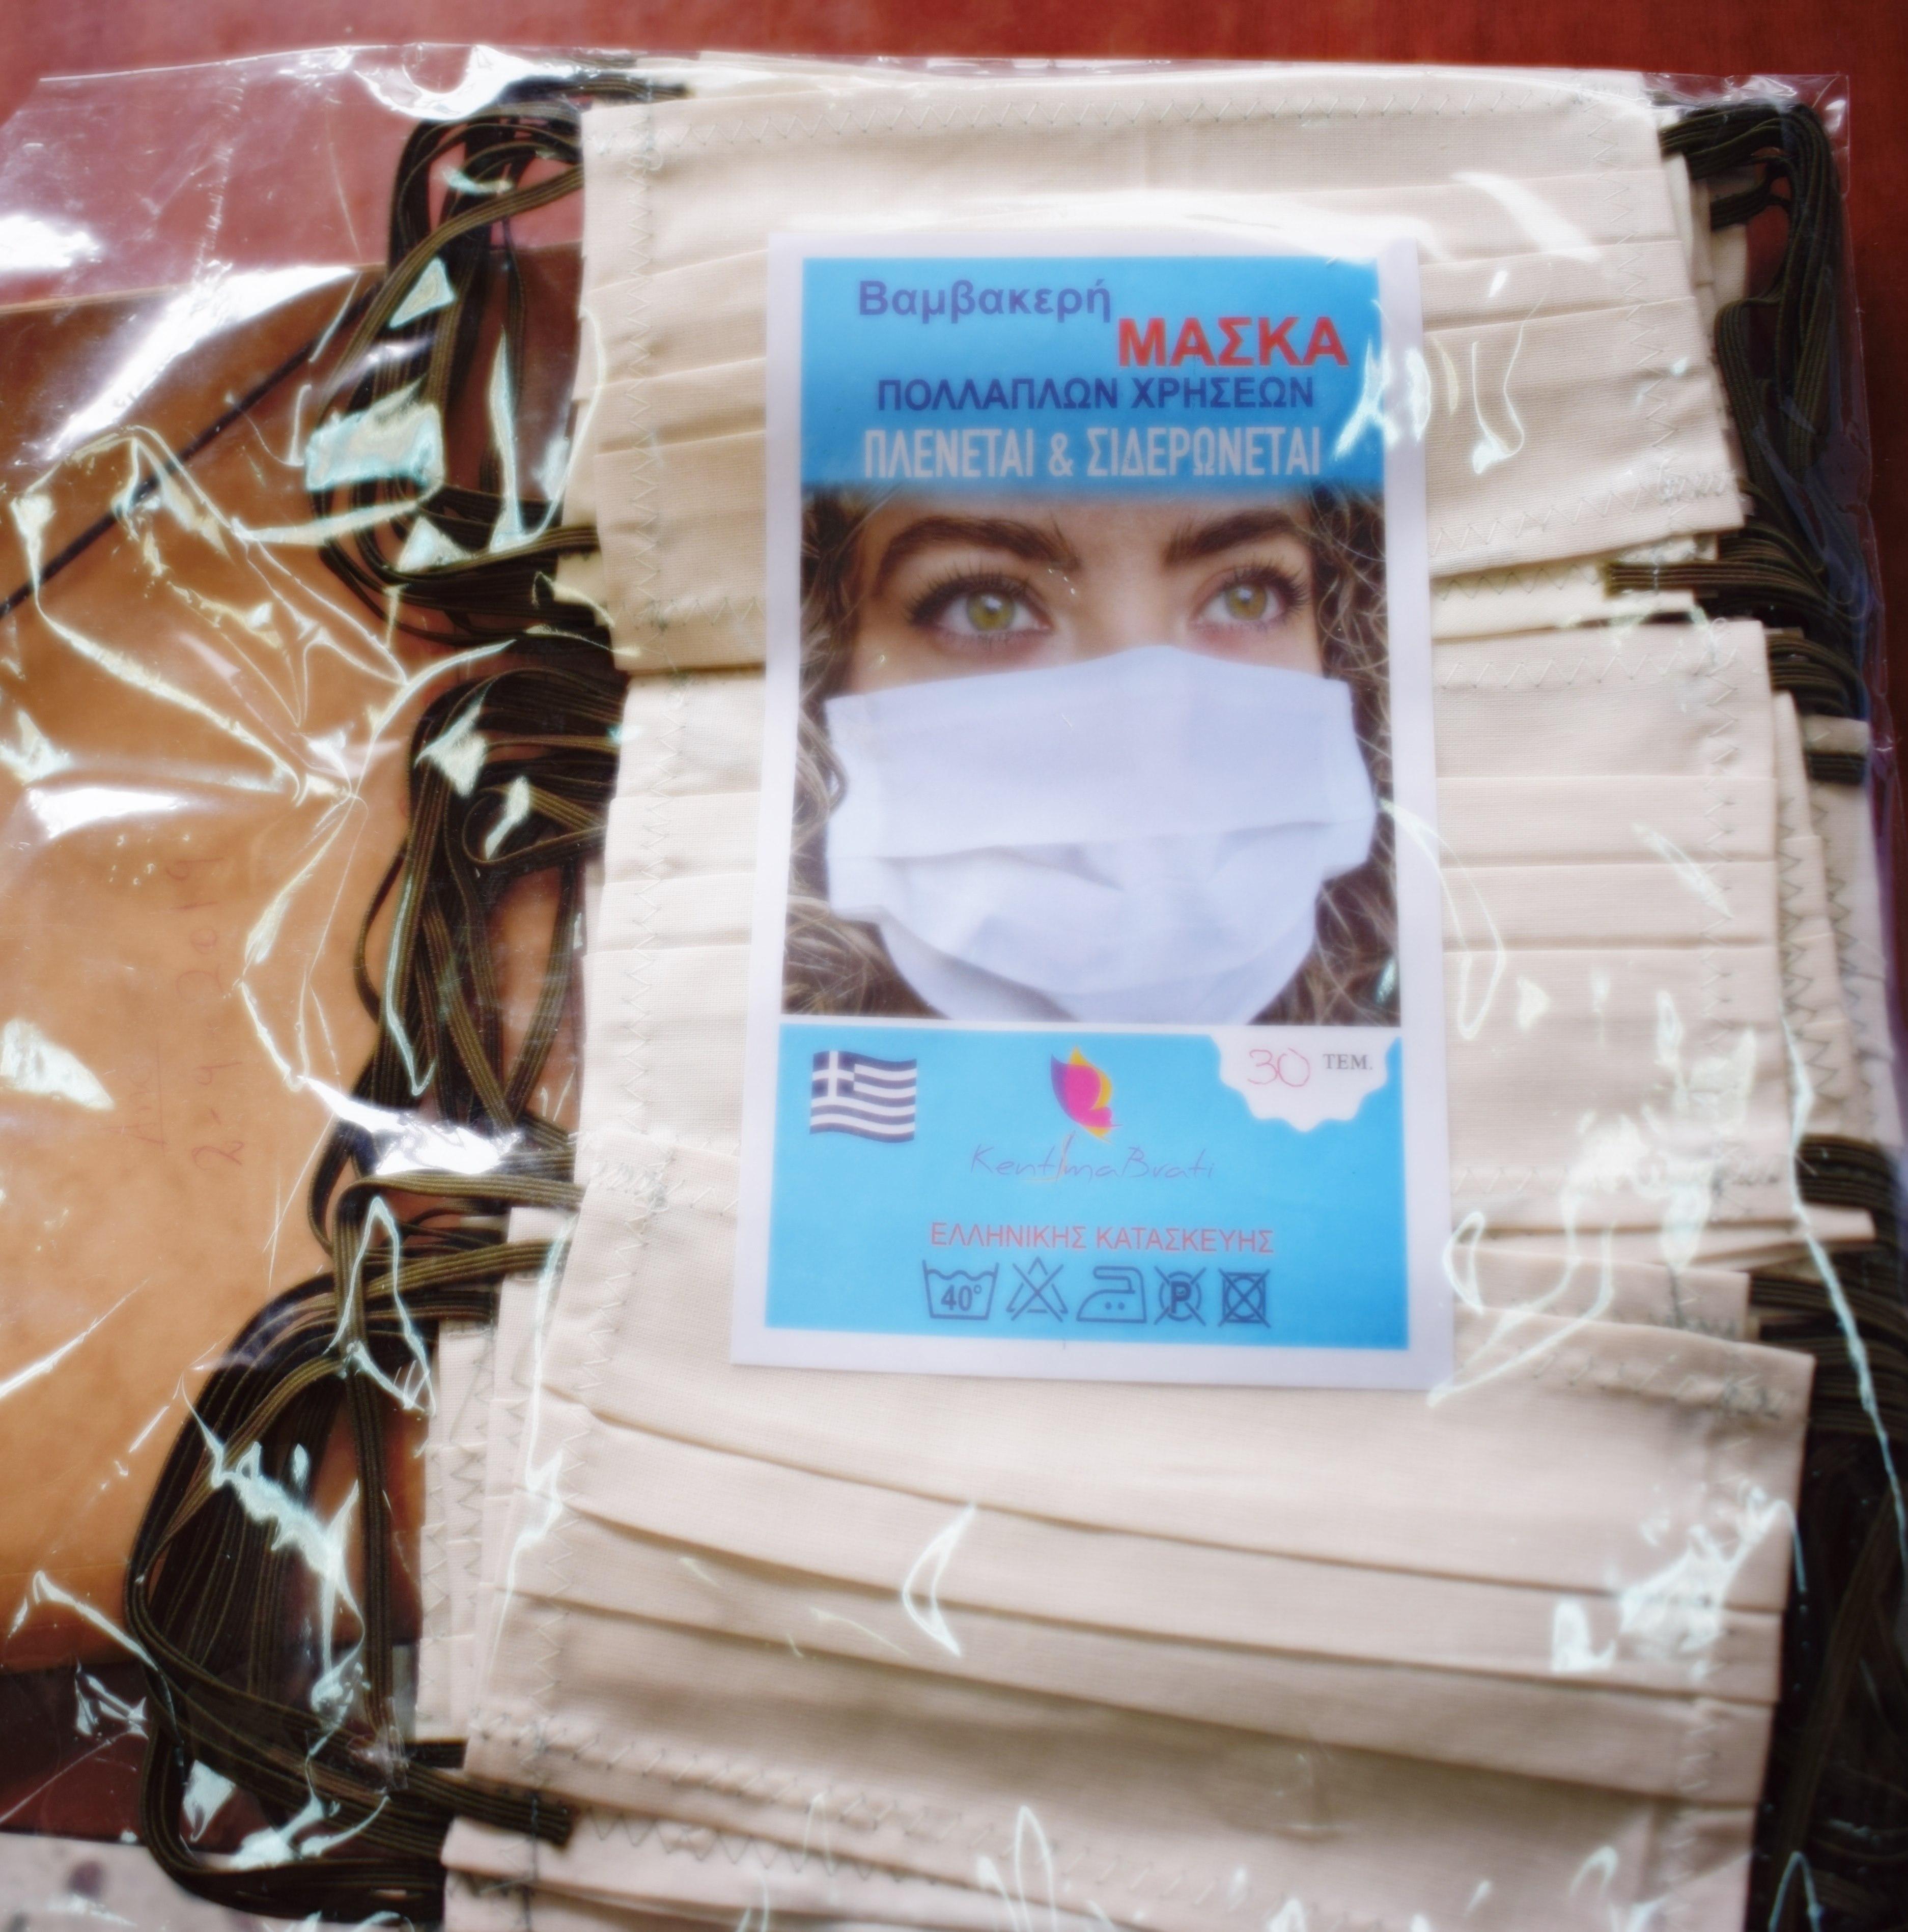 Δήμος Ανδραβίδας-Κυλλήνης: Δωρεά υγειονομικού υλικού, (προστατευτικές μάσκες) στο Δήμο από την Δήμητρα Μπράτη